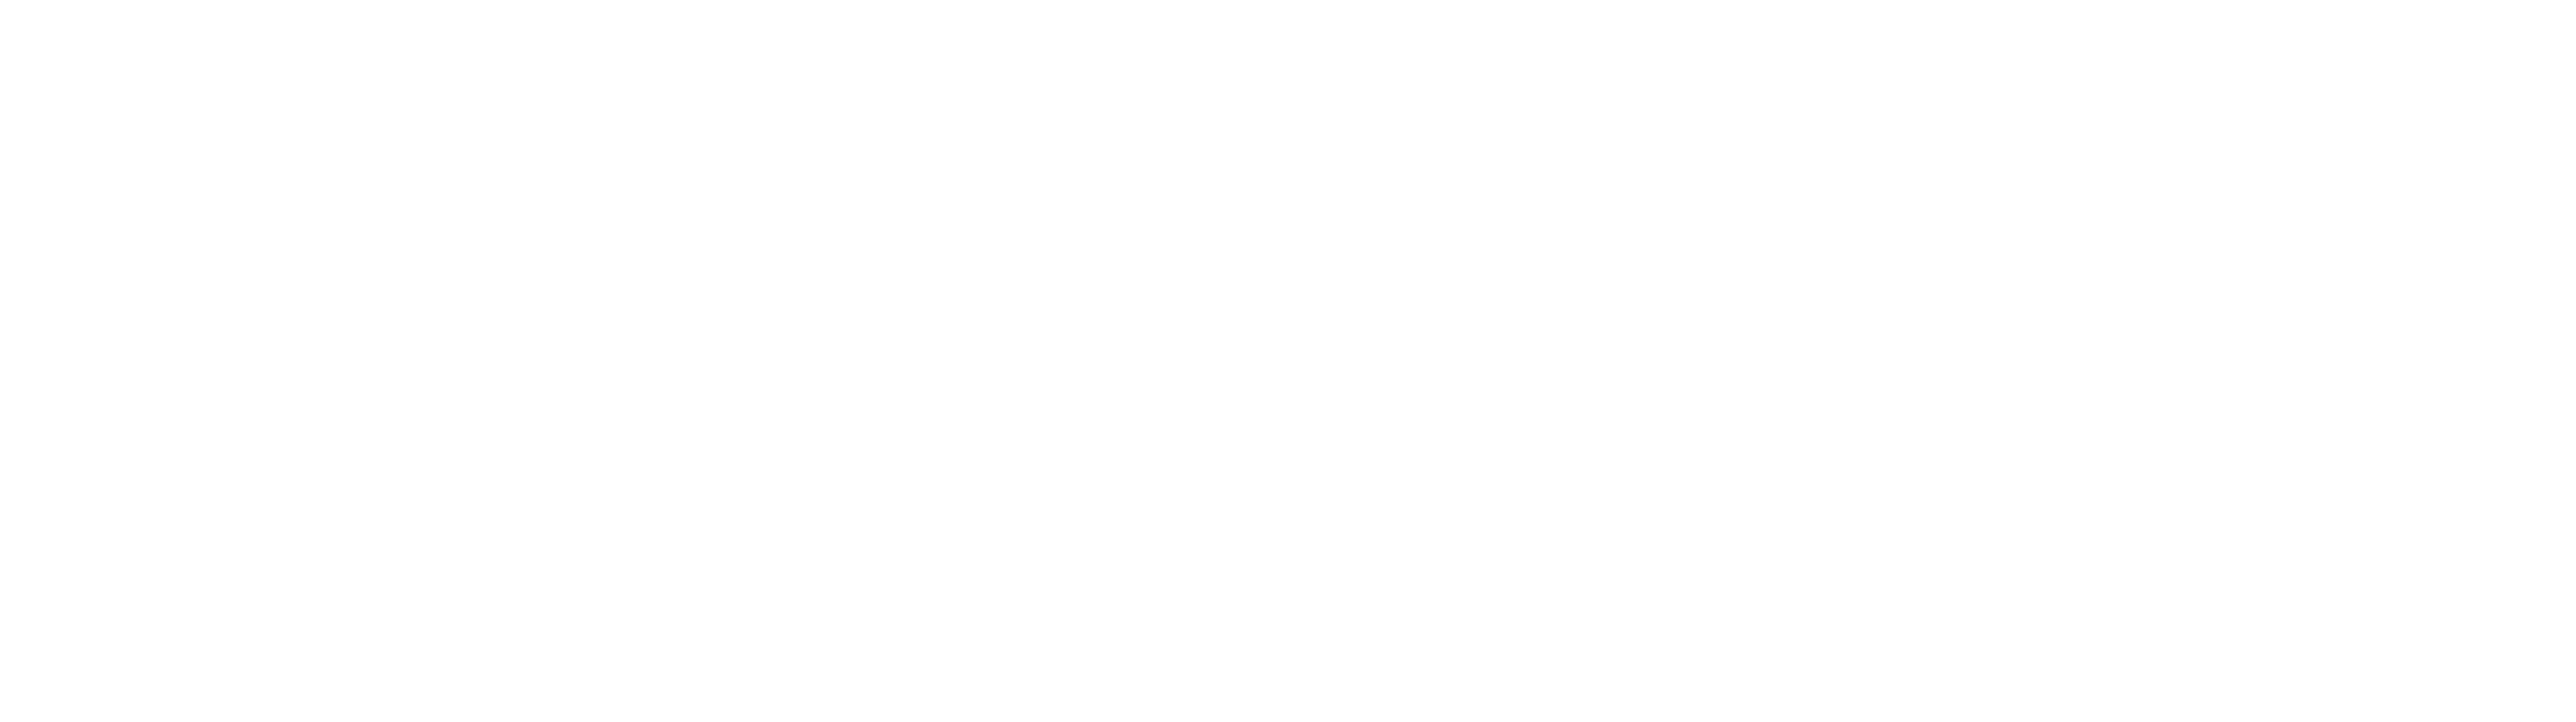 Cornelia von der Schulenburg – Zertifizierte Mediatorin, Businesscoach nach DBVC, Rechtsanwältin